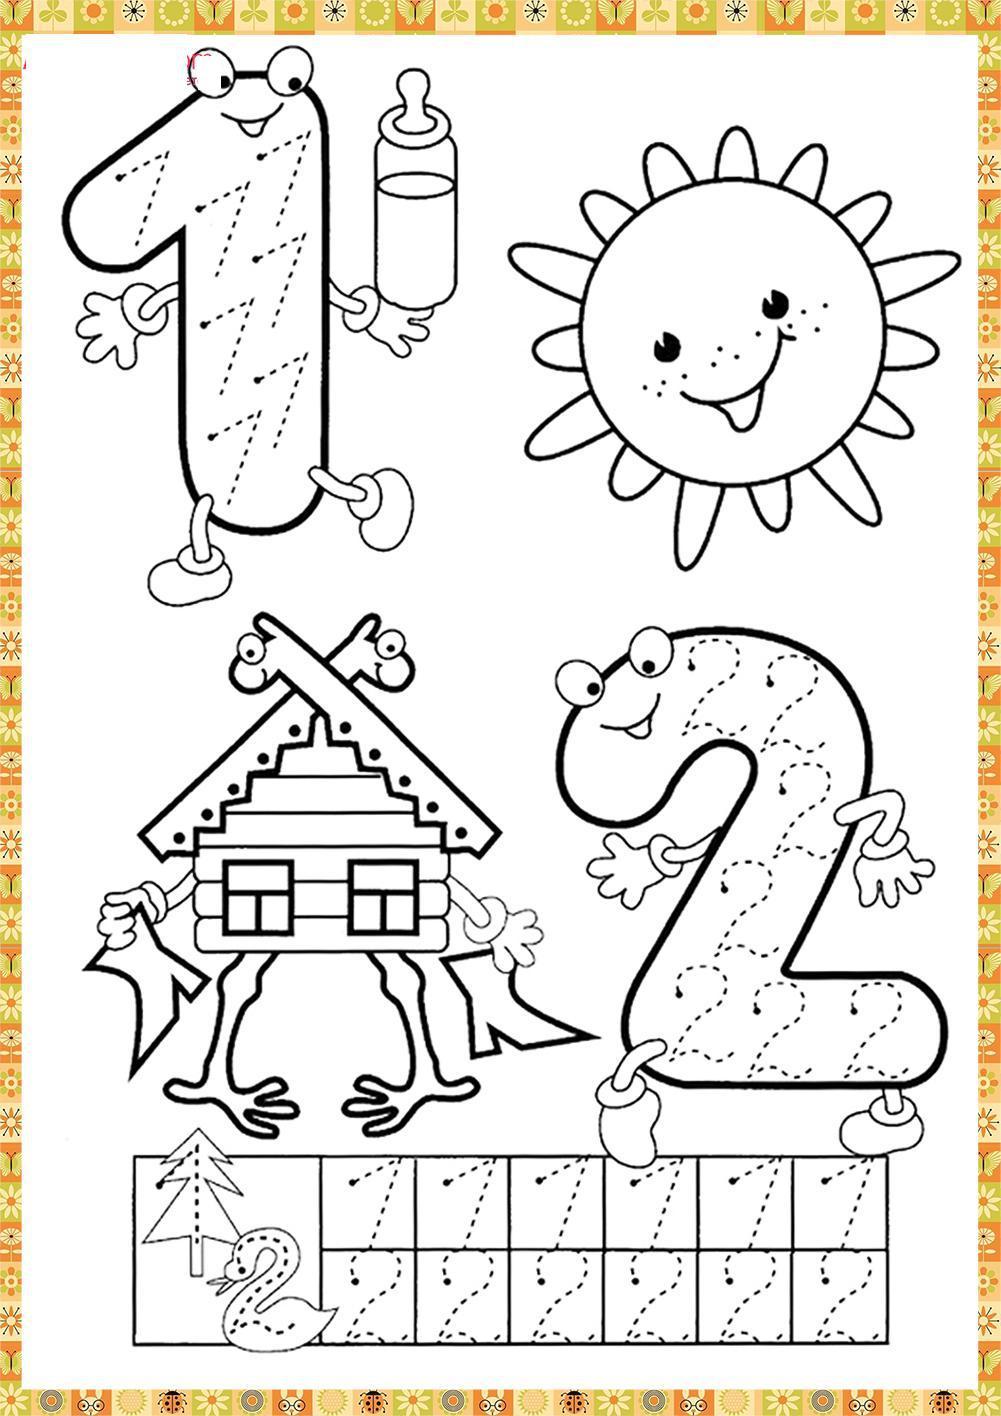 Прописи веселые цифры 1 и 2 с раскрасками избушка а курьих ножках и солнышко